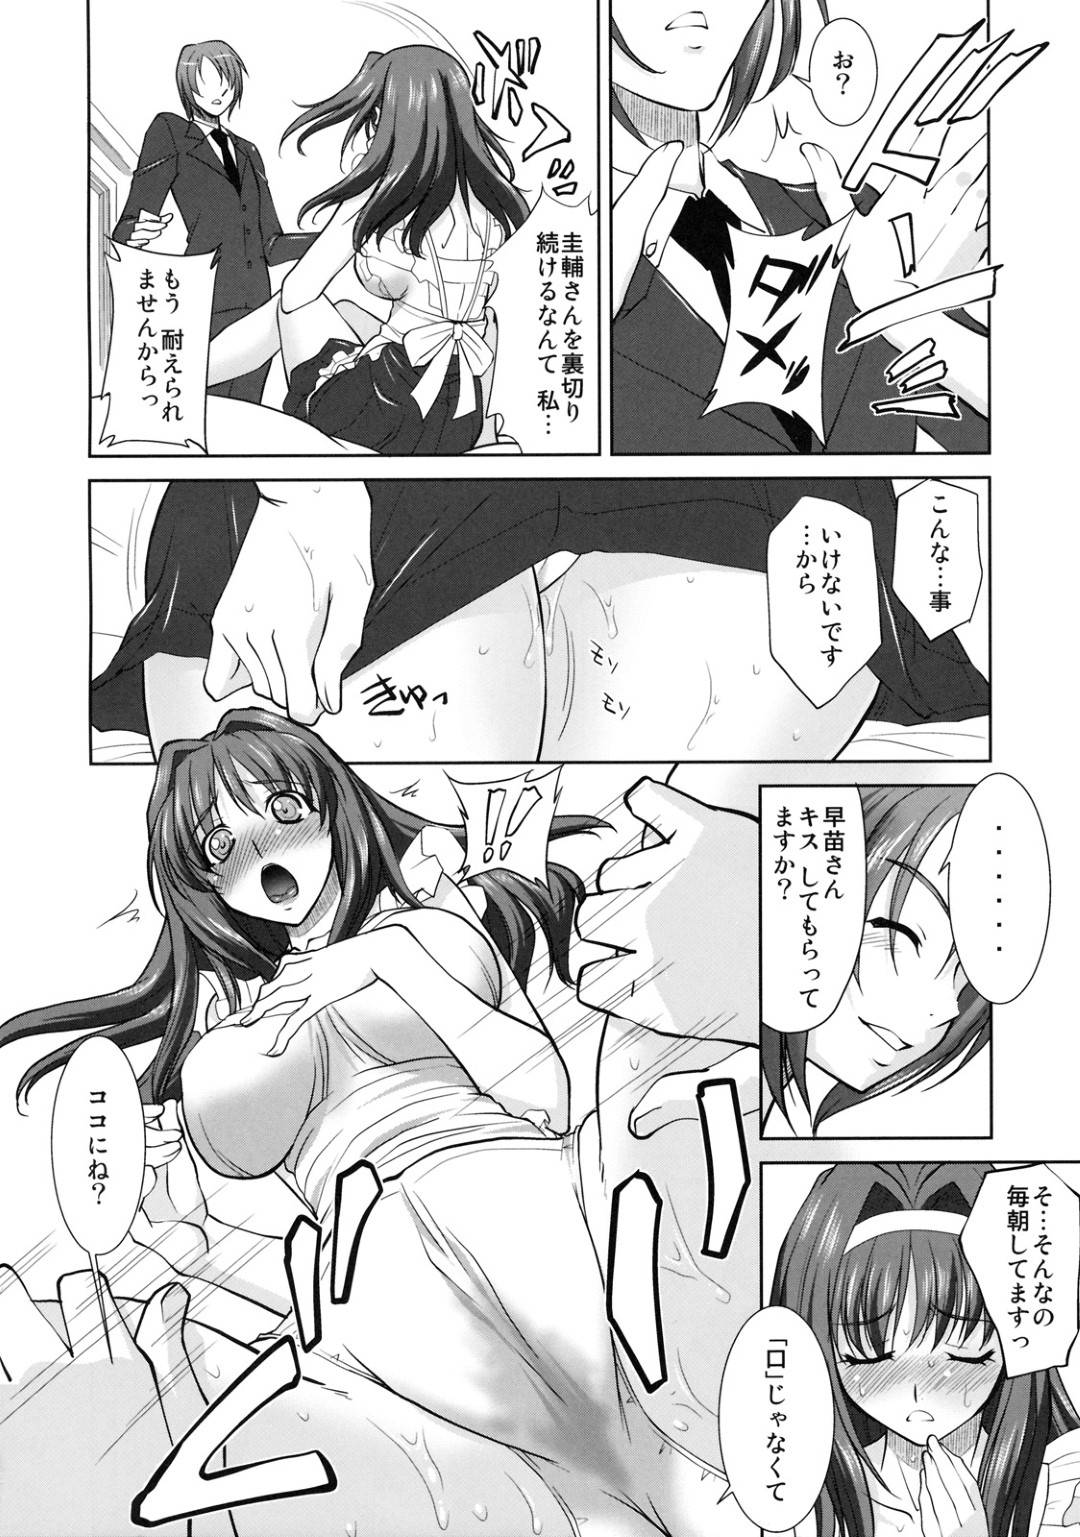 【浮気エロ漫画】浮気セックスの快楽に溺れている優しげな人妻は中出しセックスでド変態なトロ顔になっちゃう!【みたくるみ】